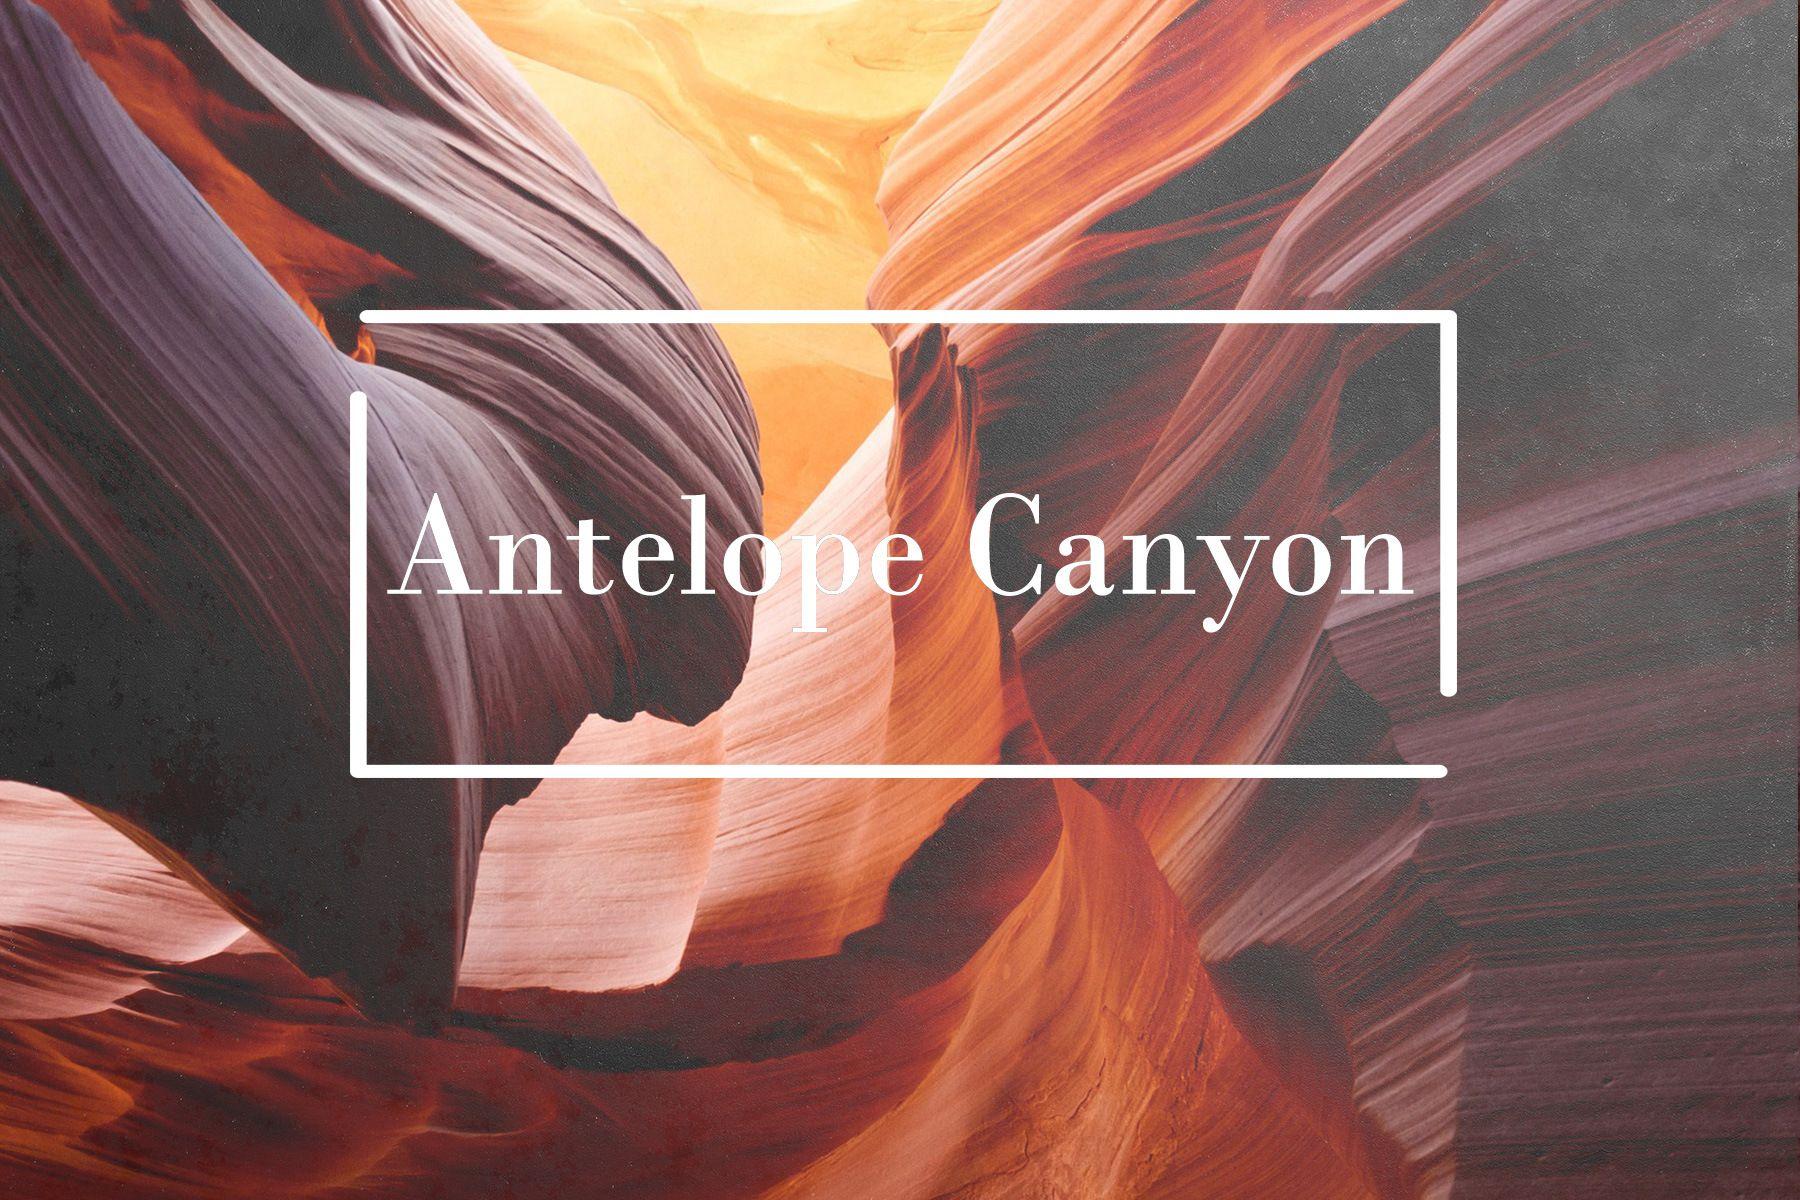 Antelope-Canyon